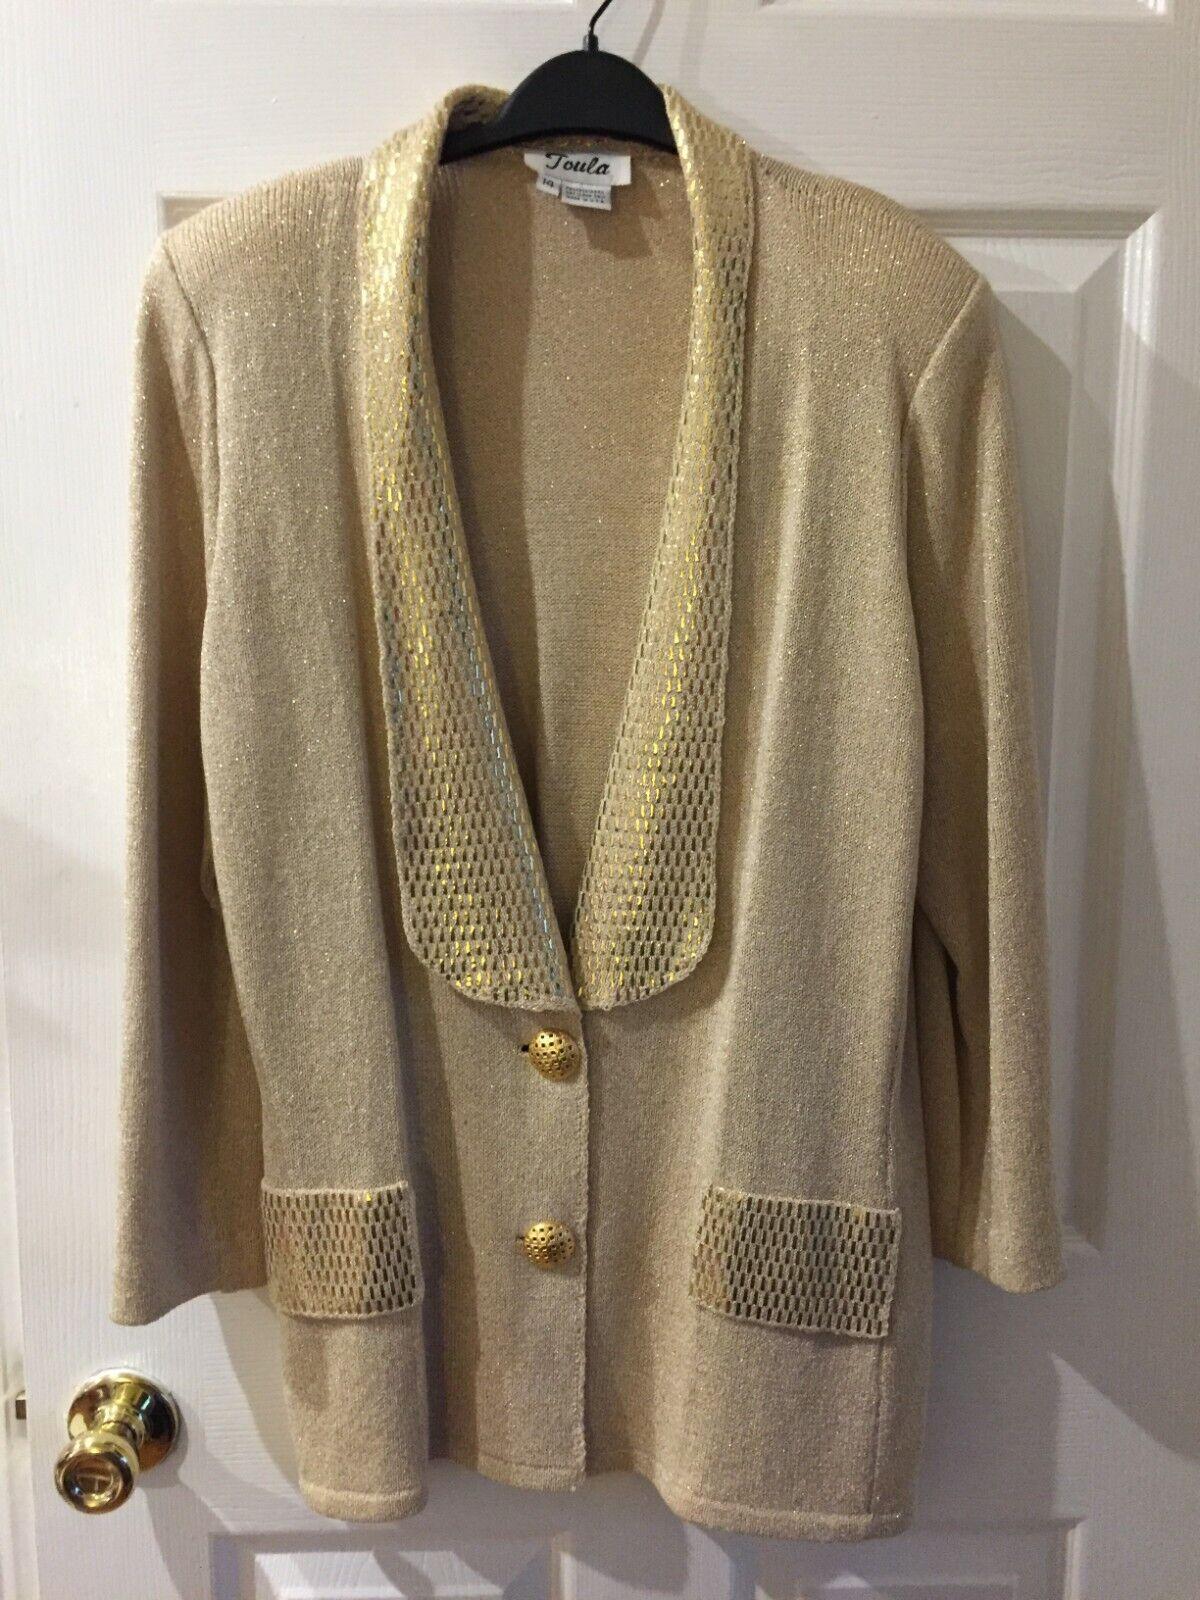 Toula Womens Dress Sweater Size 14